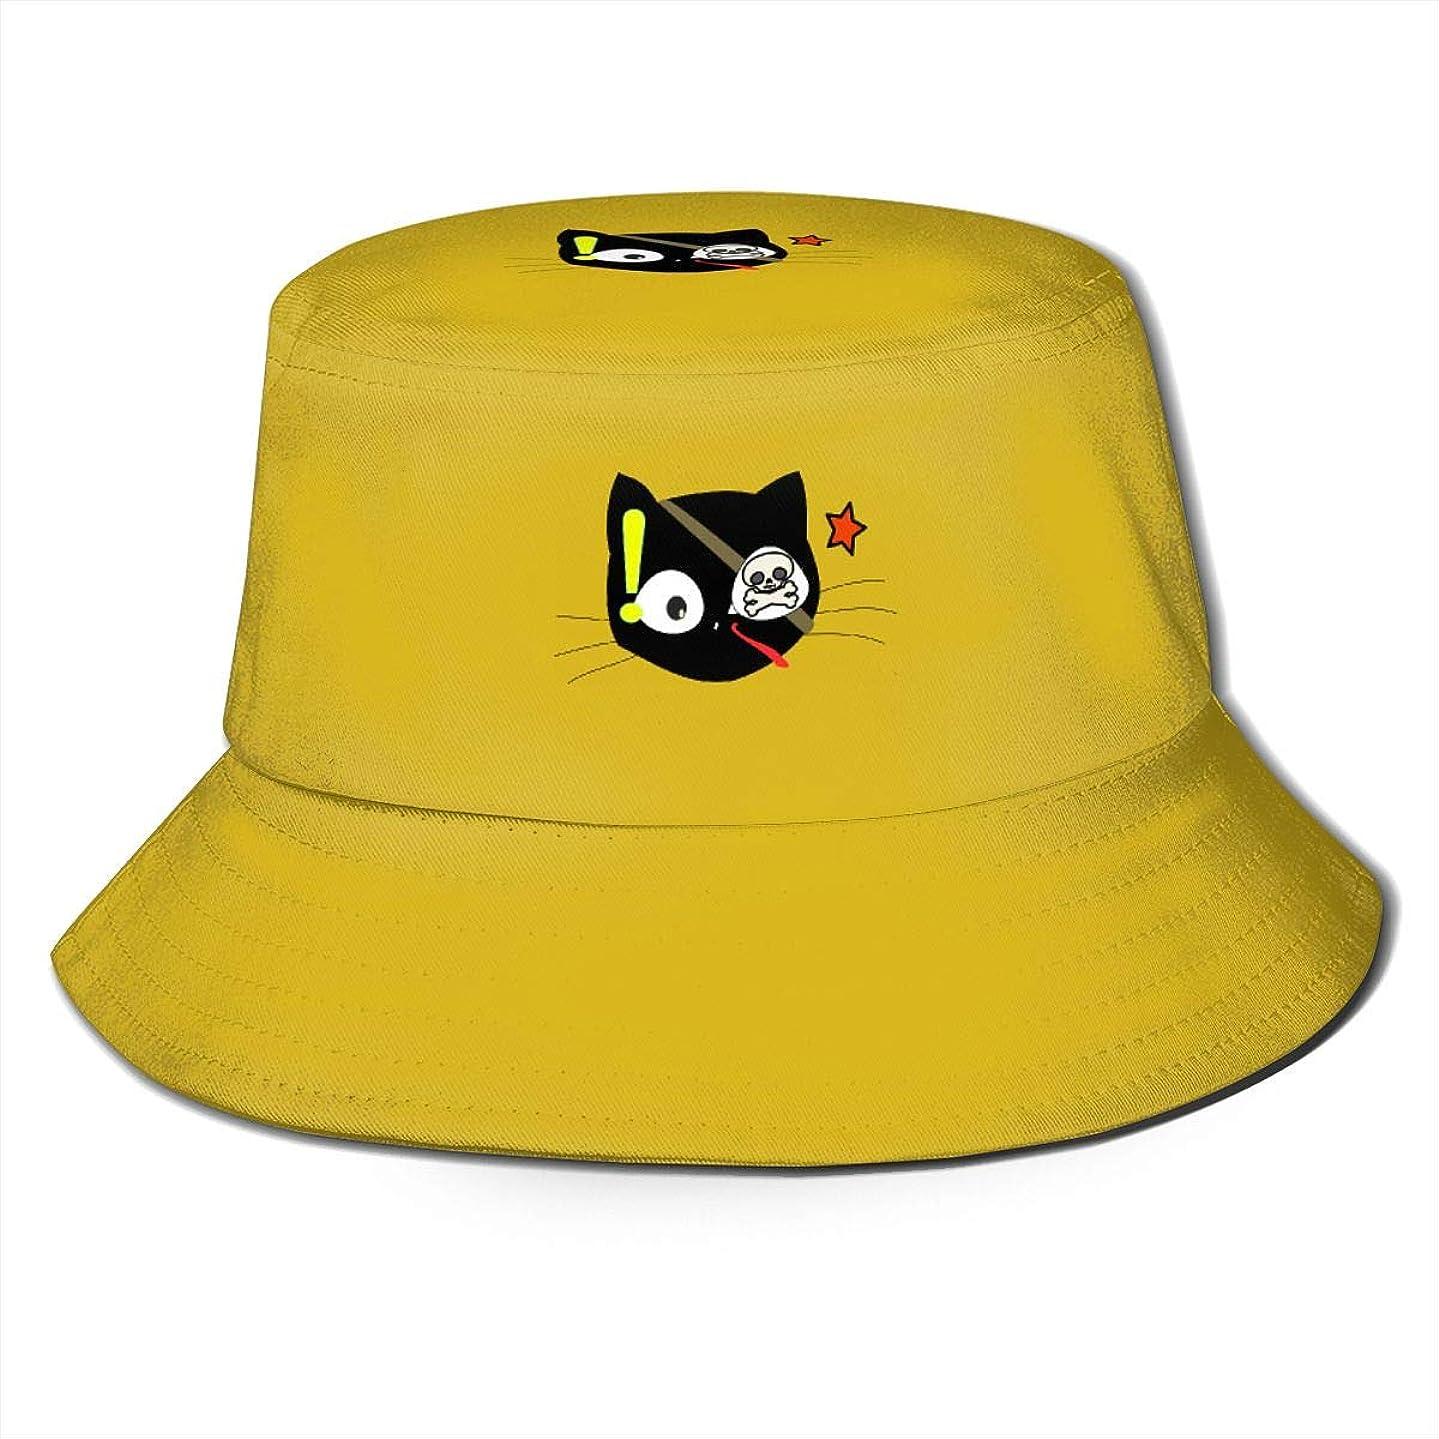 高齢者死傷者強化Aiwnin 海賊猫 漁師の帽子 サンハット 日よけ帽 紫外線保護 釣り 登山 農作業 通気性がいい